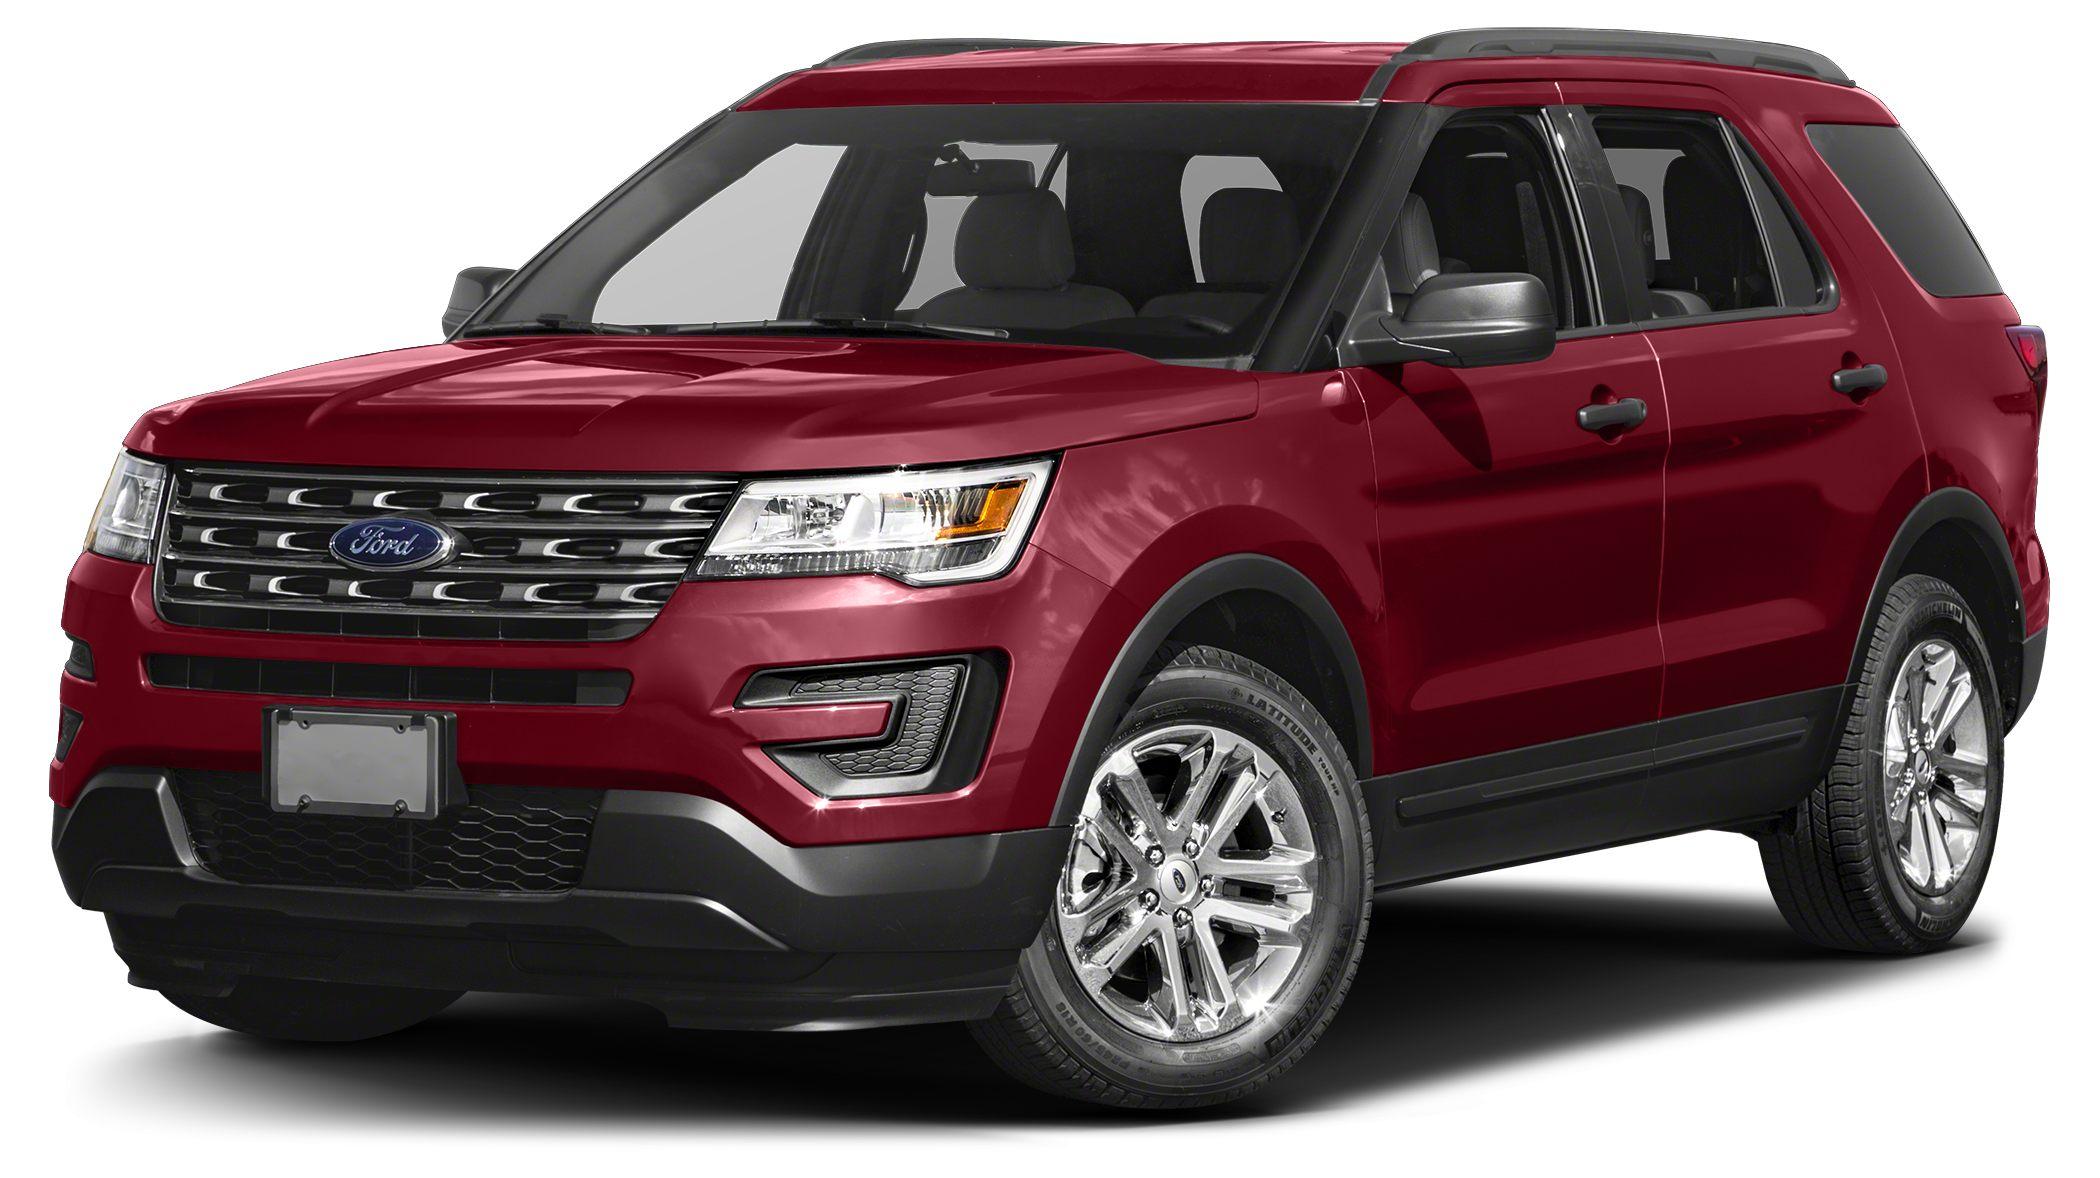 2017 Ford Explorer Base 2017 Ford Explorer Base 2719 HighwayCity MPGPrice includes 1500 - RET